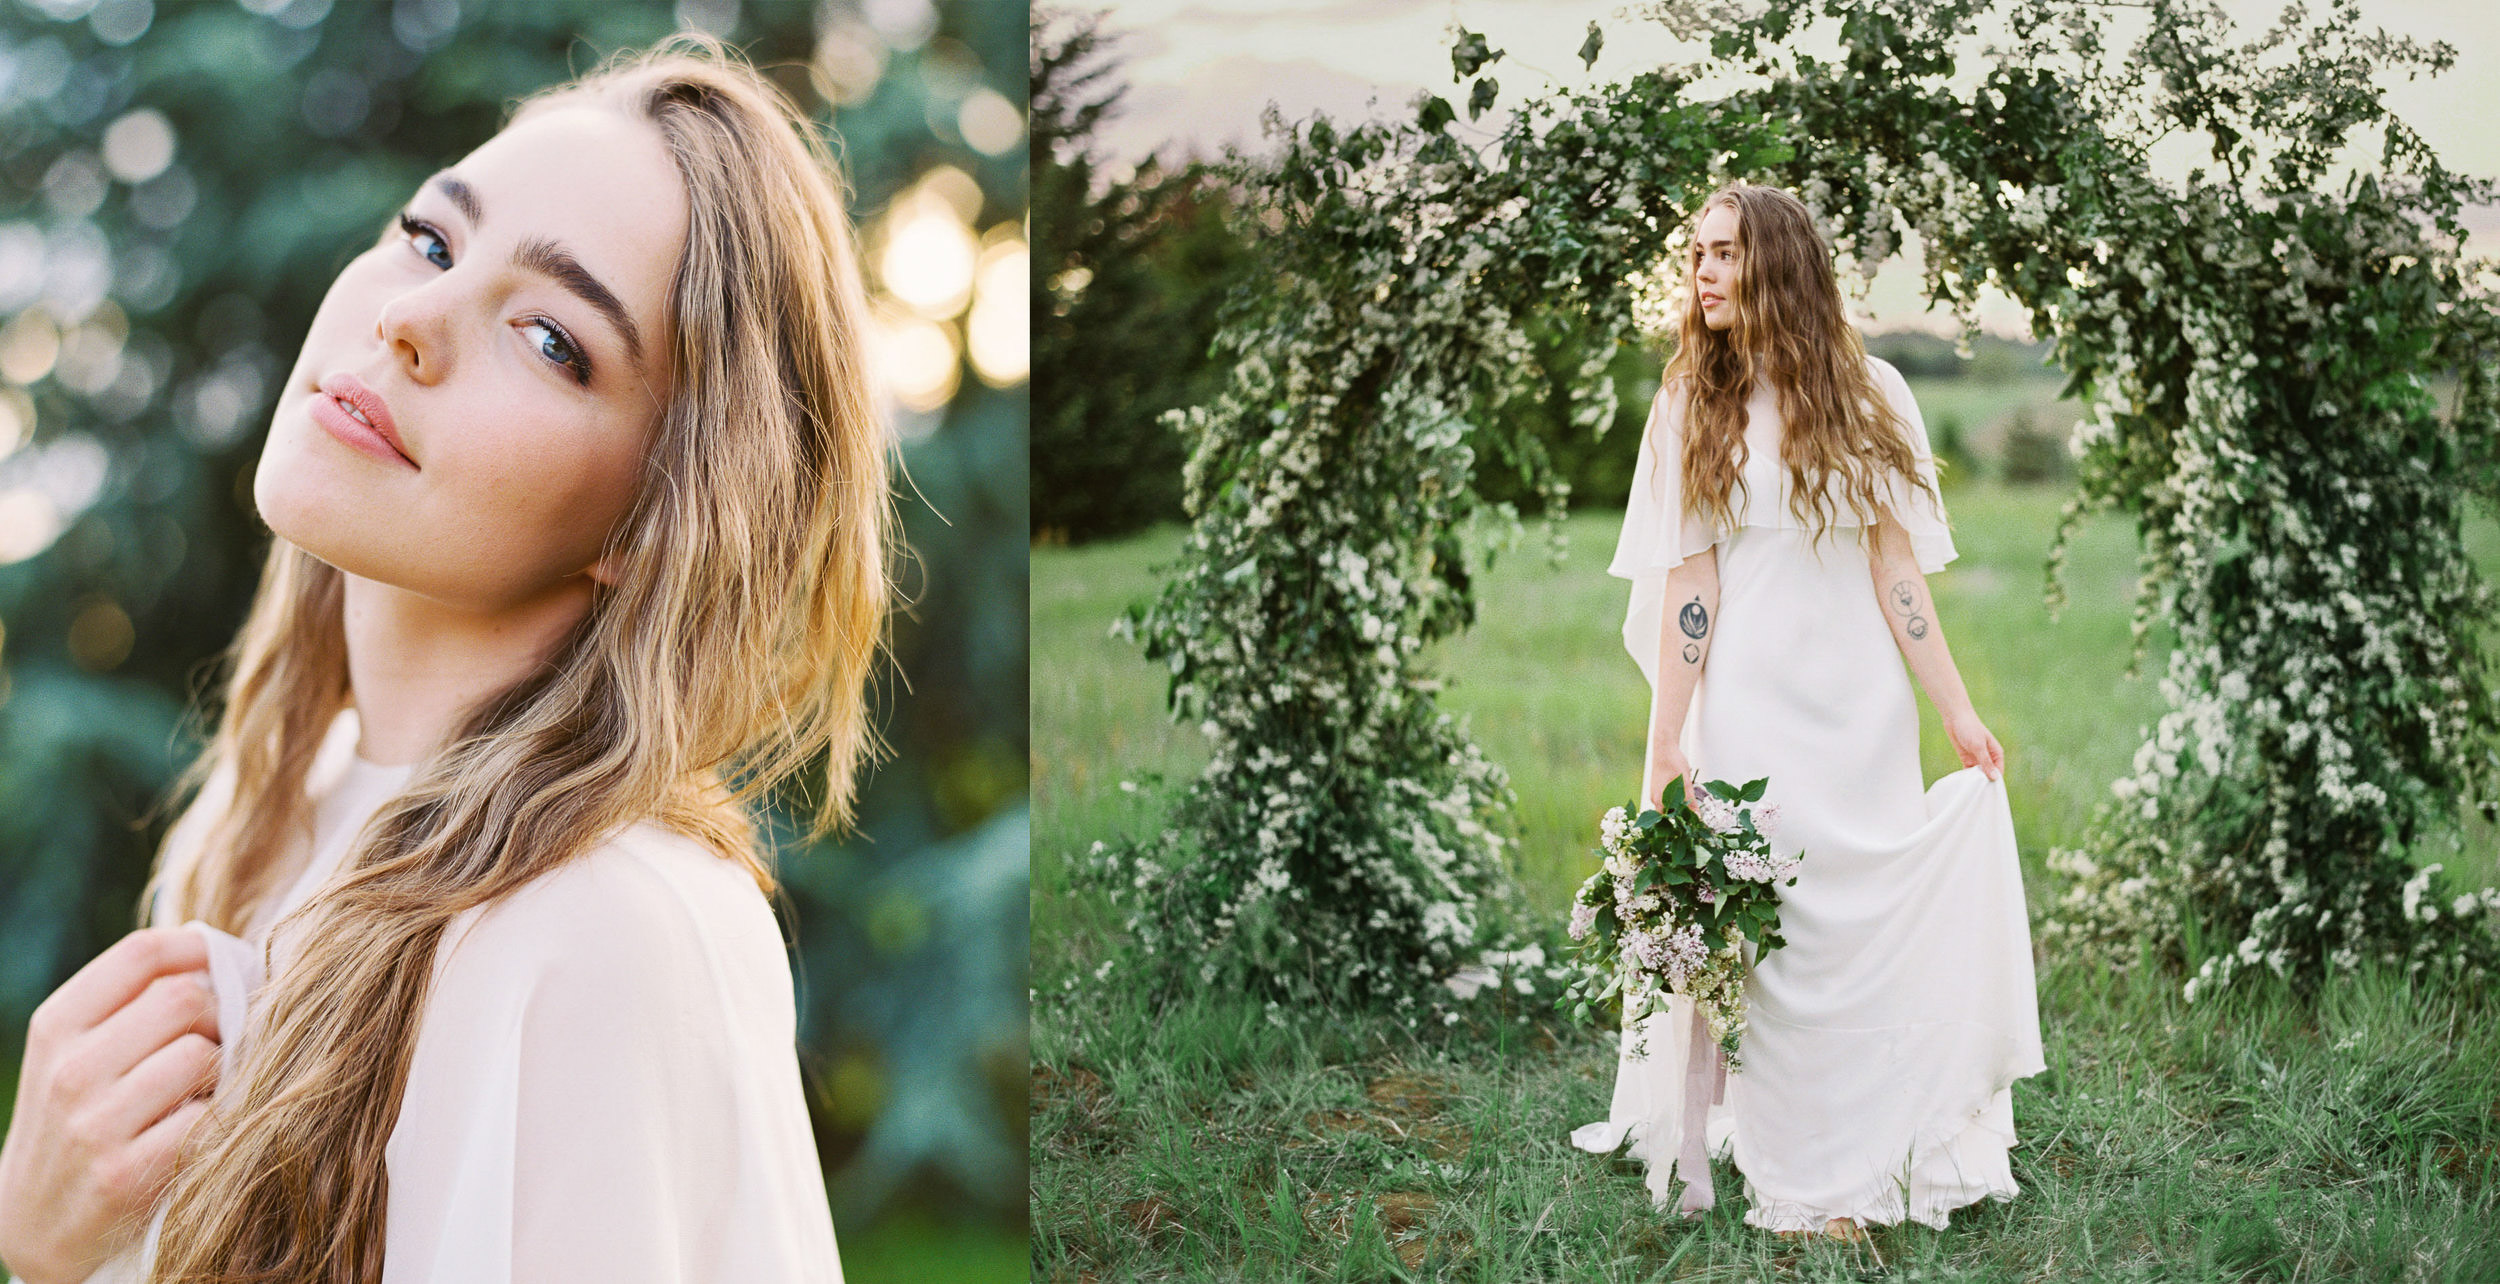 02_destination+worldwide+elopement+wedding+film+photographer+cinematographer_.jpg